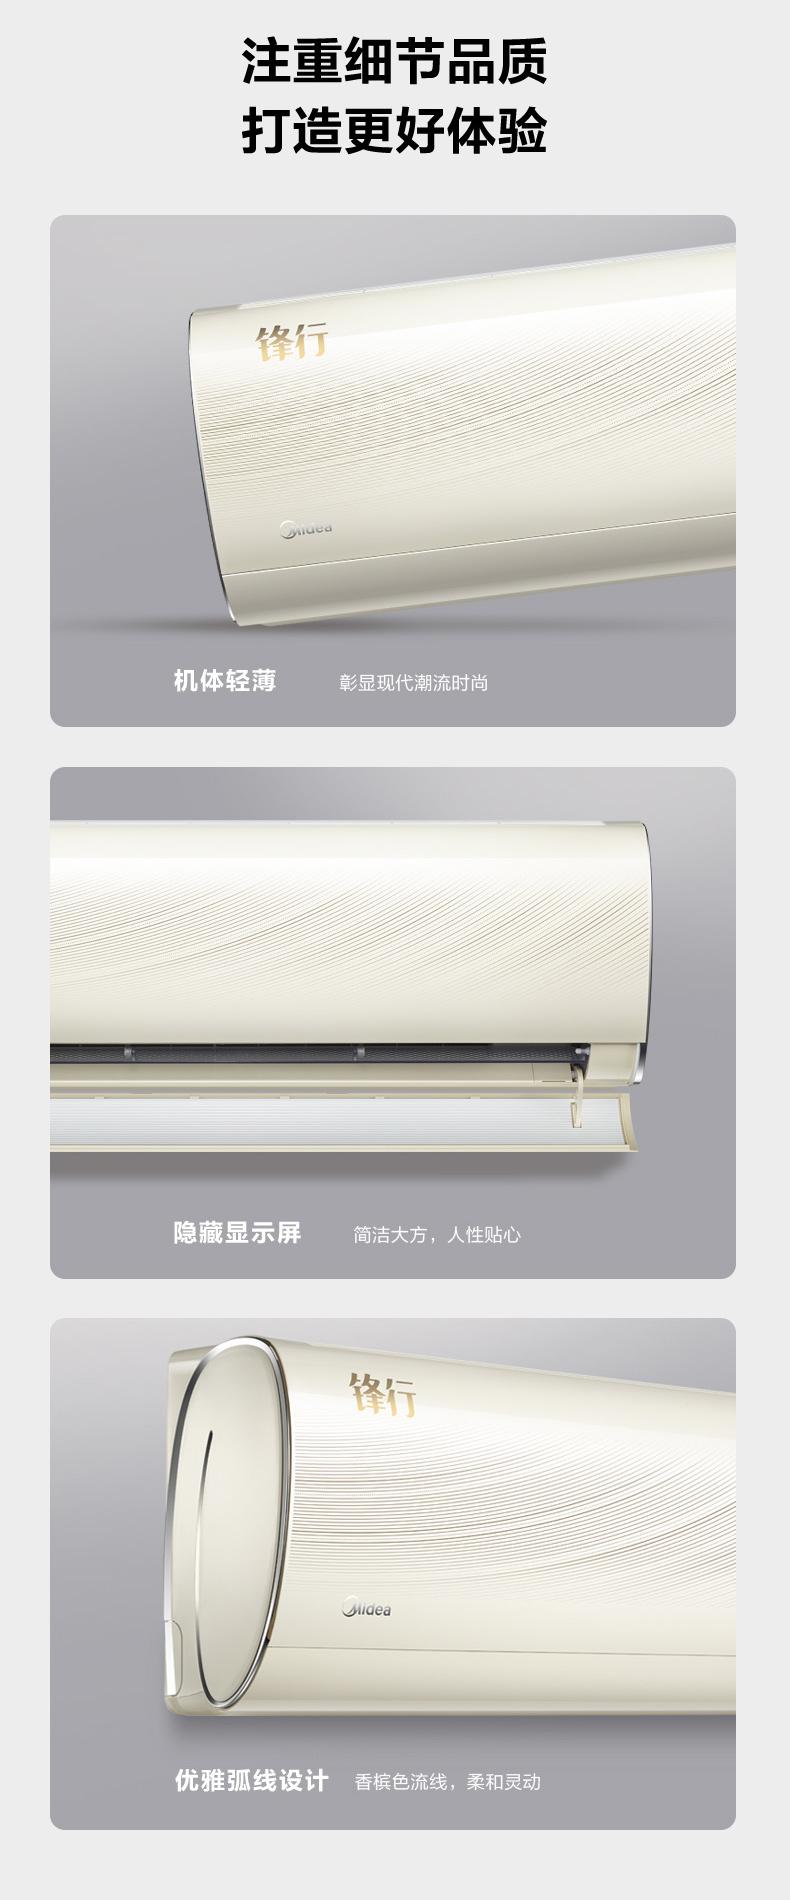 昆明壁挂式空调价格